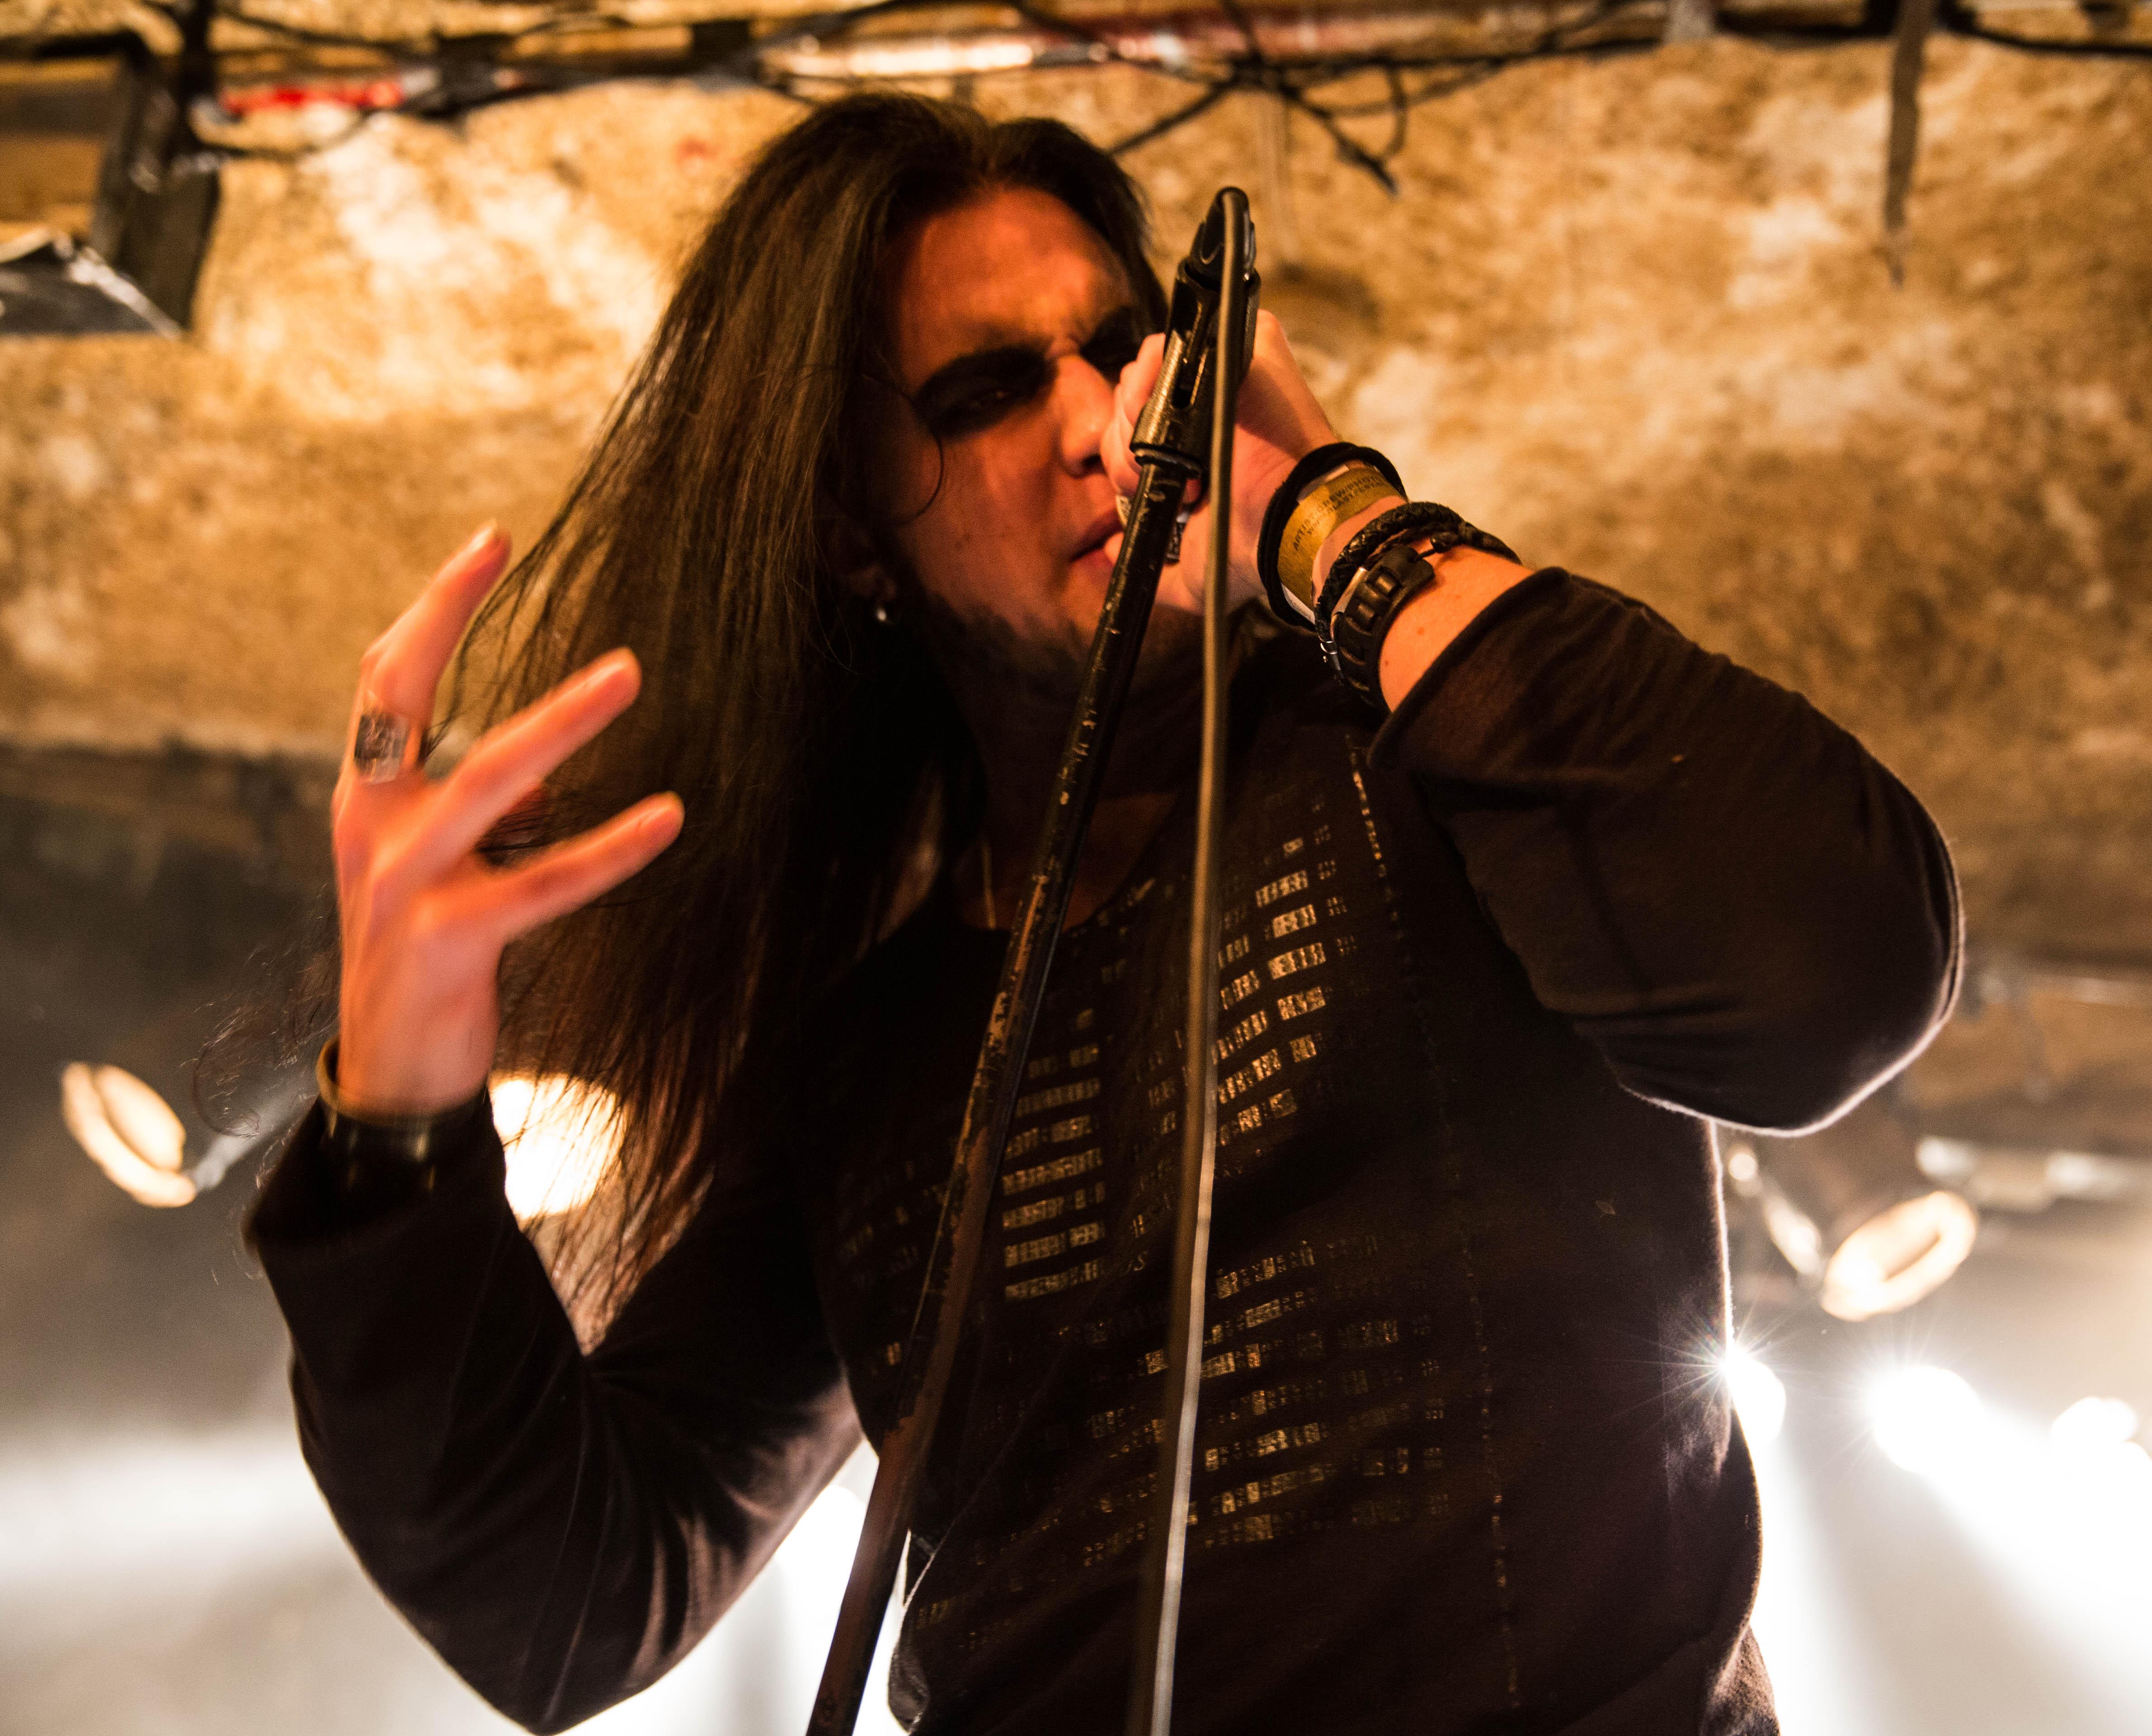 W, vocalista do Woland, no Blastfest 2014 (foto: Fabiola Santini)